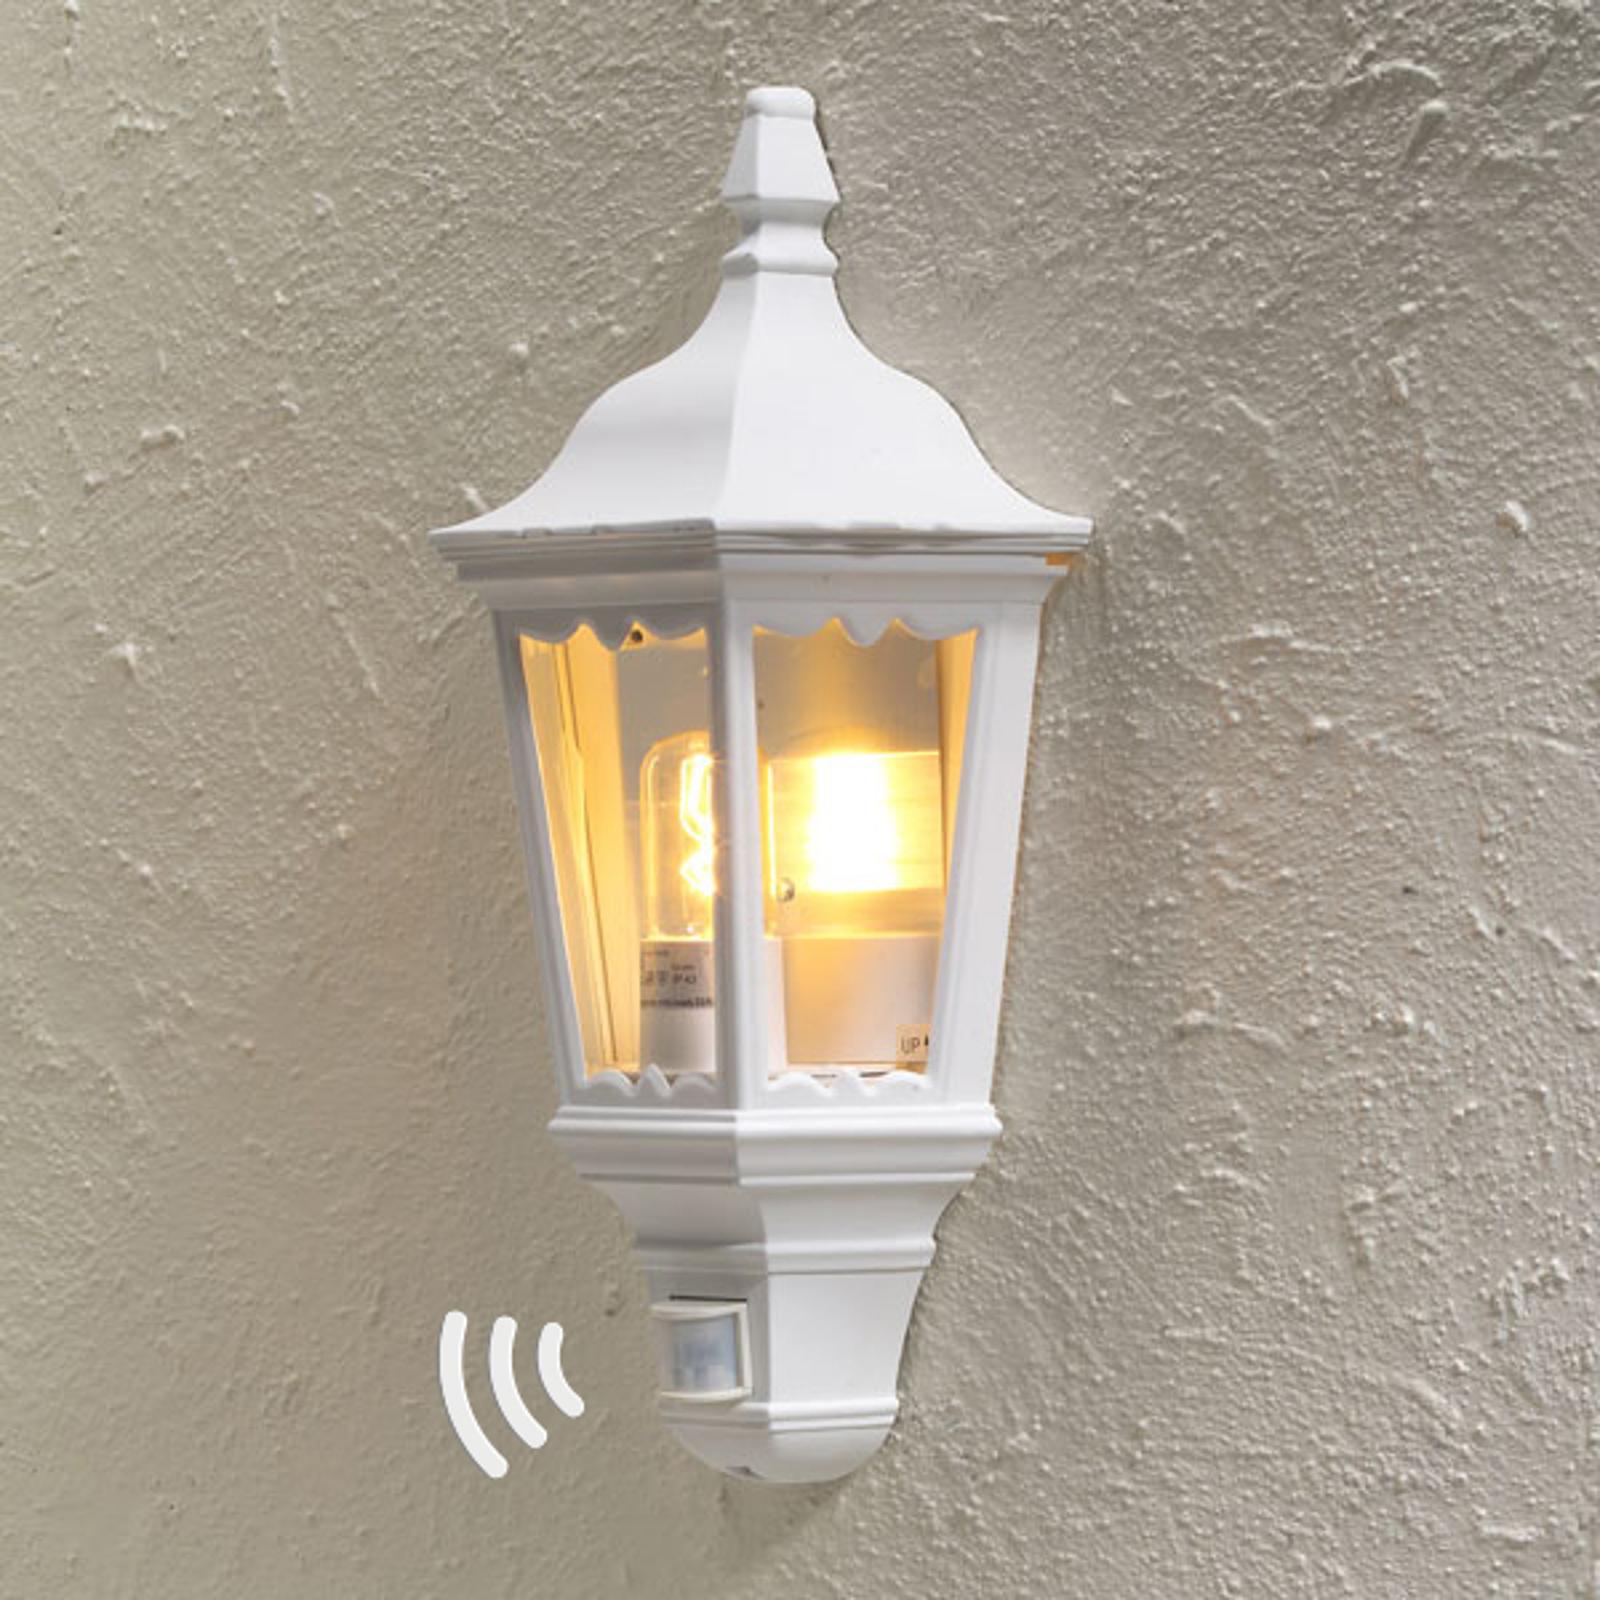 Utomhusvägglampa Firenze halvskål, sensor, vit